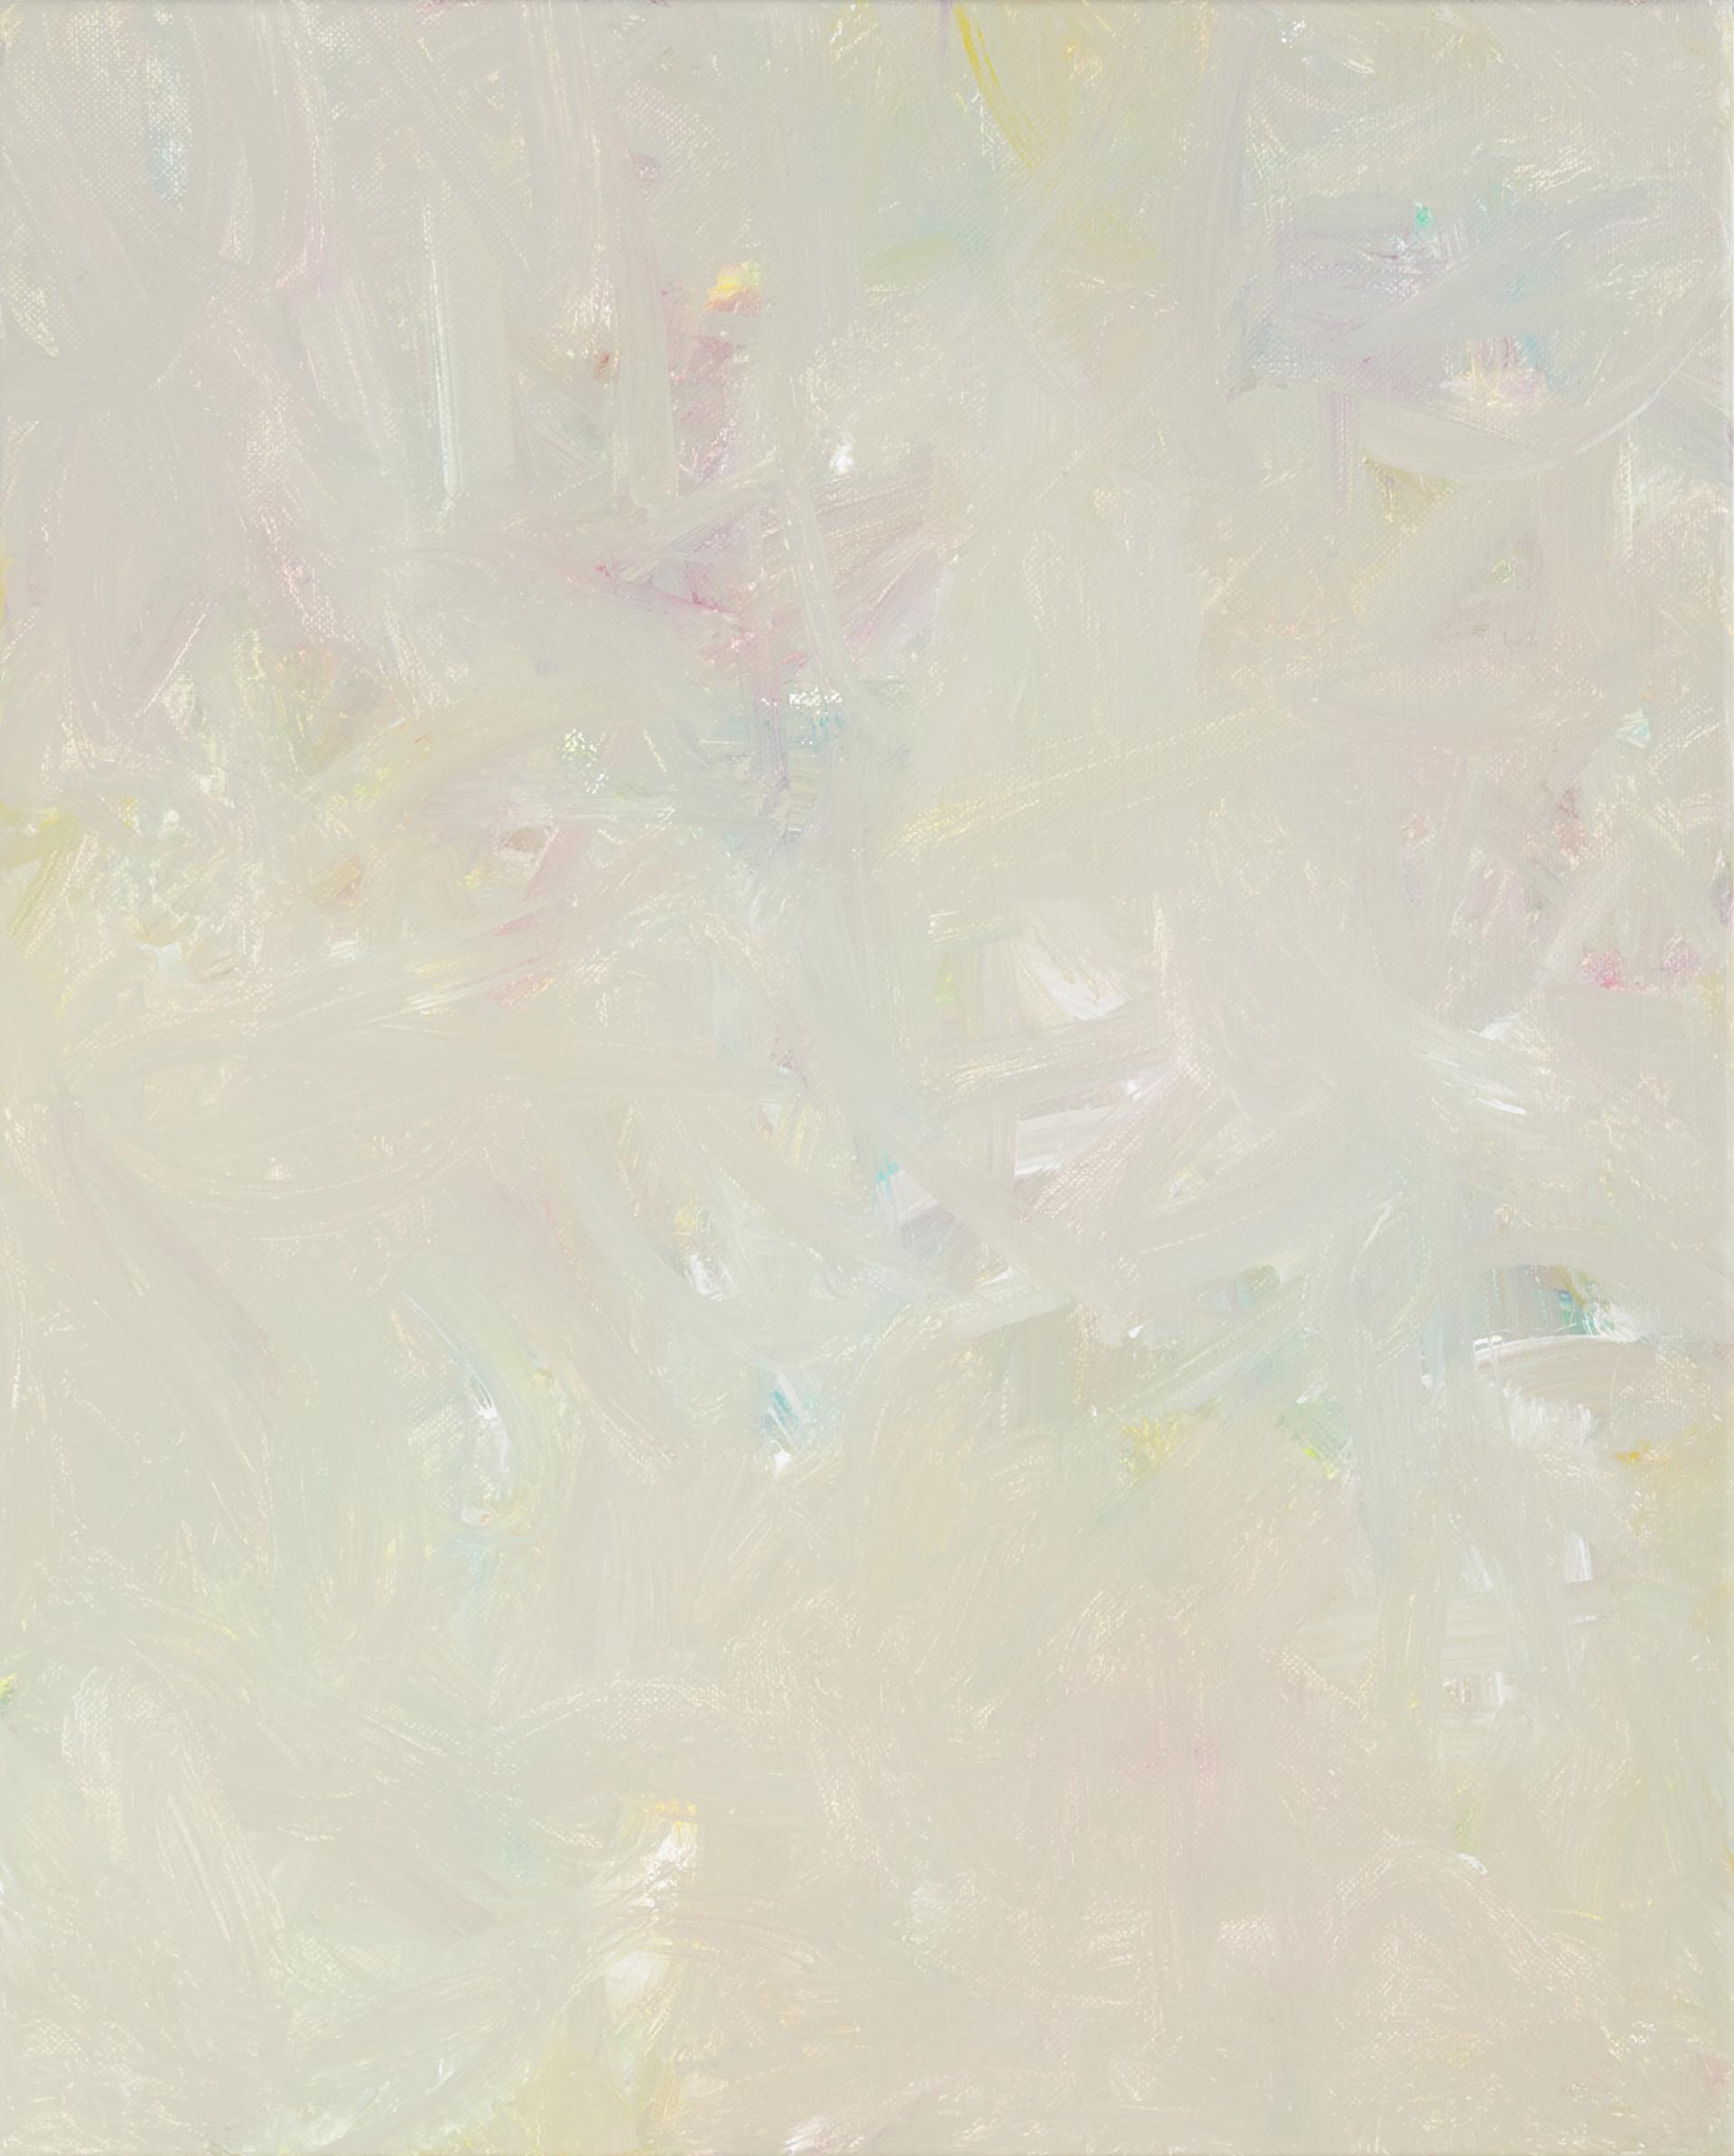 Sans titre (BG 01-02), 2017, acrylique sur toile, 41 x 33 cm